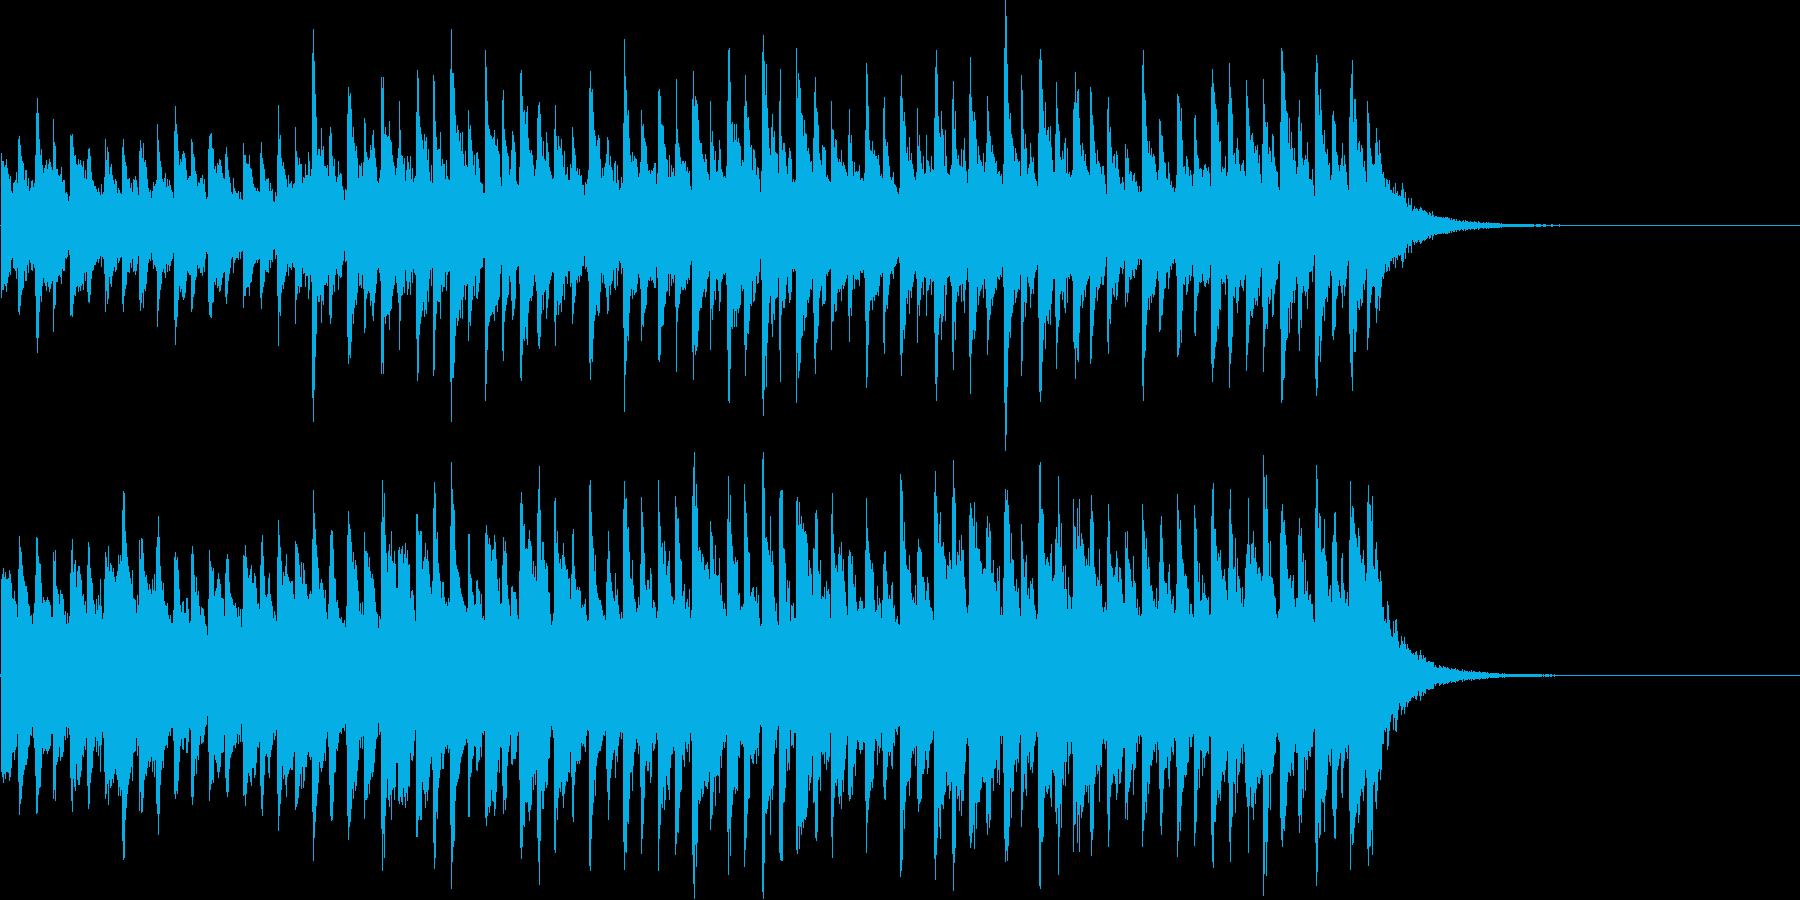 creo_leo_bgm18の再生済みの波形